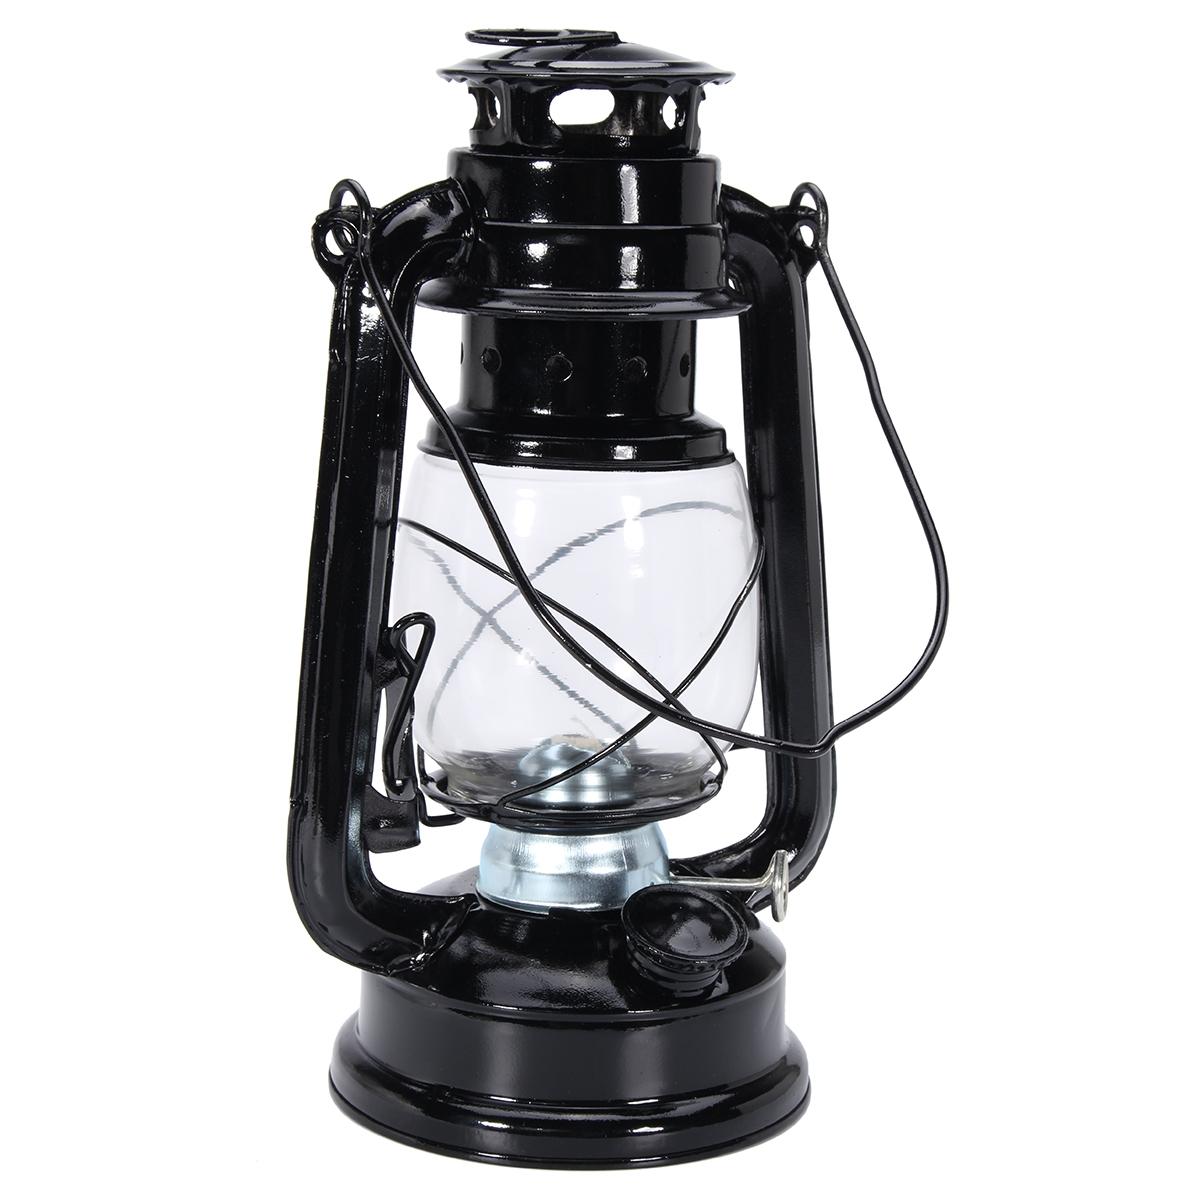 Hurricane Storm Lantern Kerosene Light Oil Camping Lamp Outdoor throughout Outdoor Storm Lanterns (Image 8 of 20)